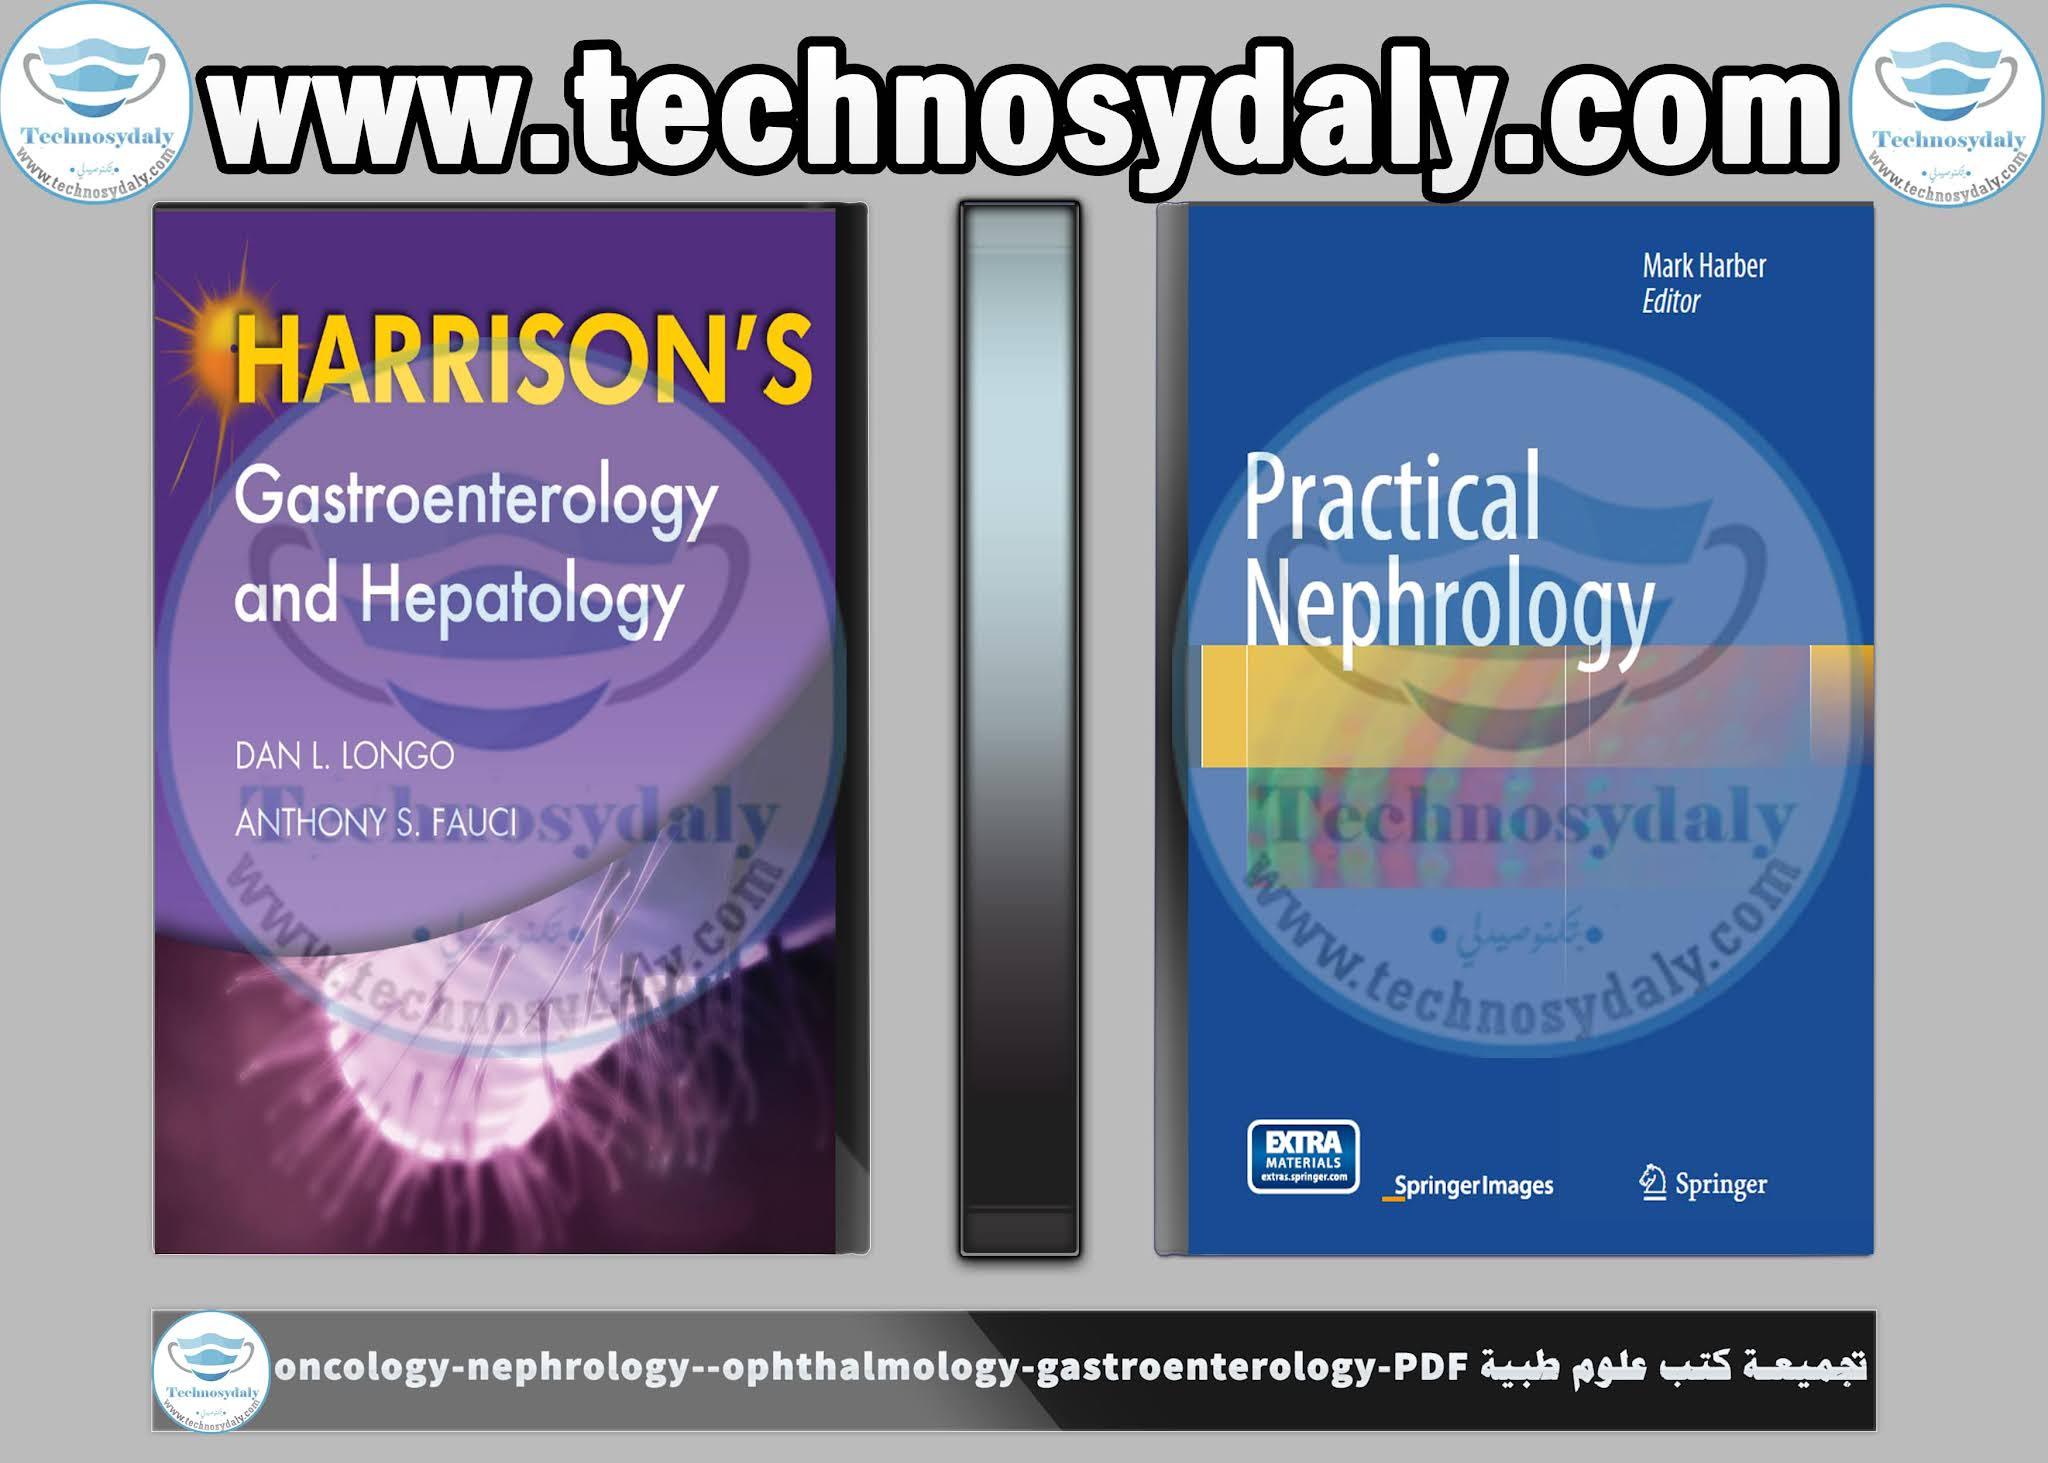 تجميعة كتب علوم طبية oncology-nephrology--ophthalmology-gastroenterology-PDF